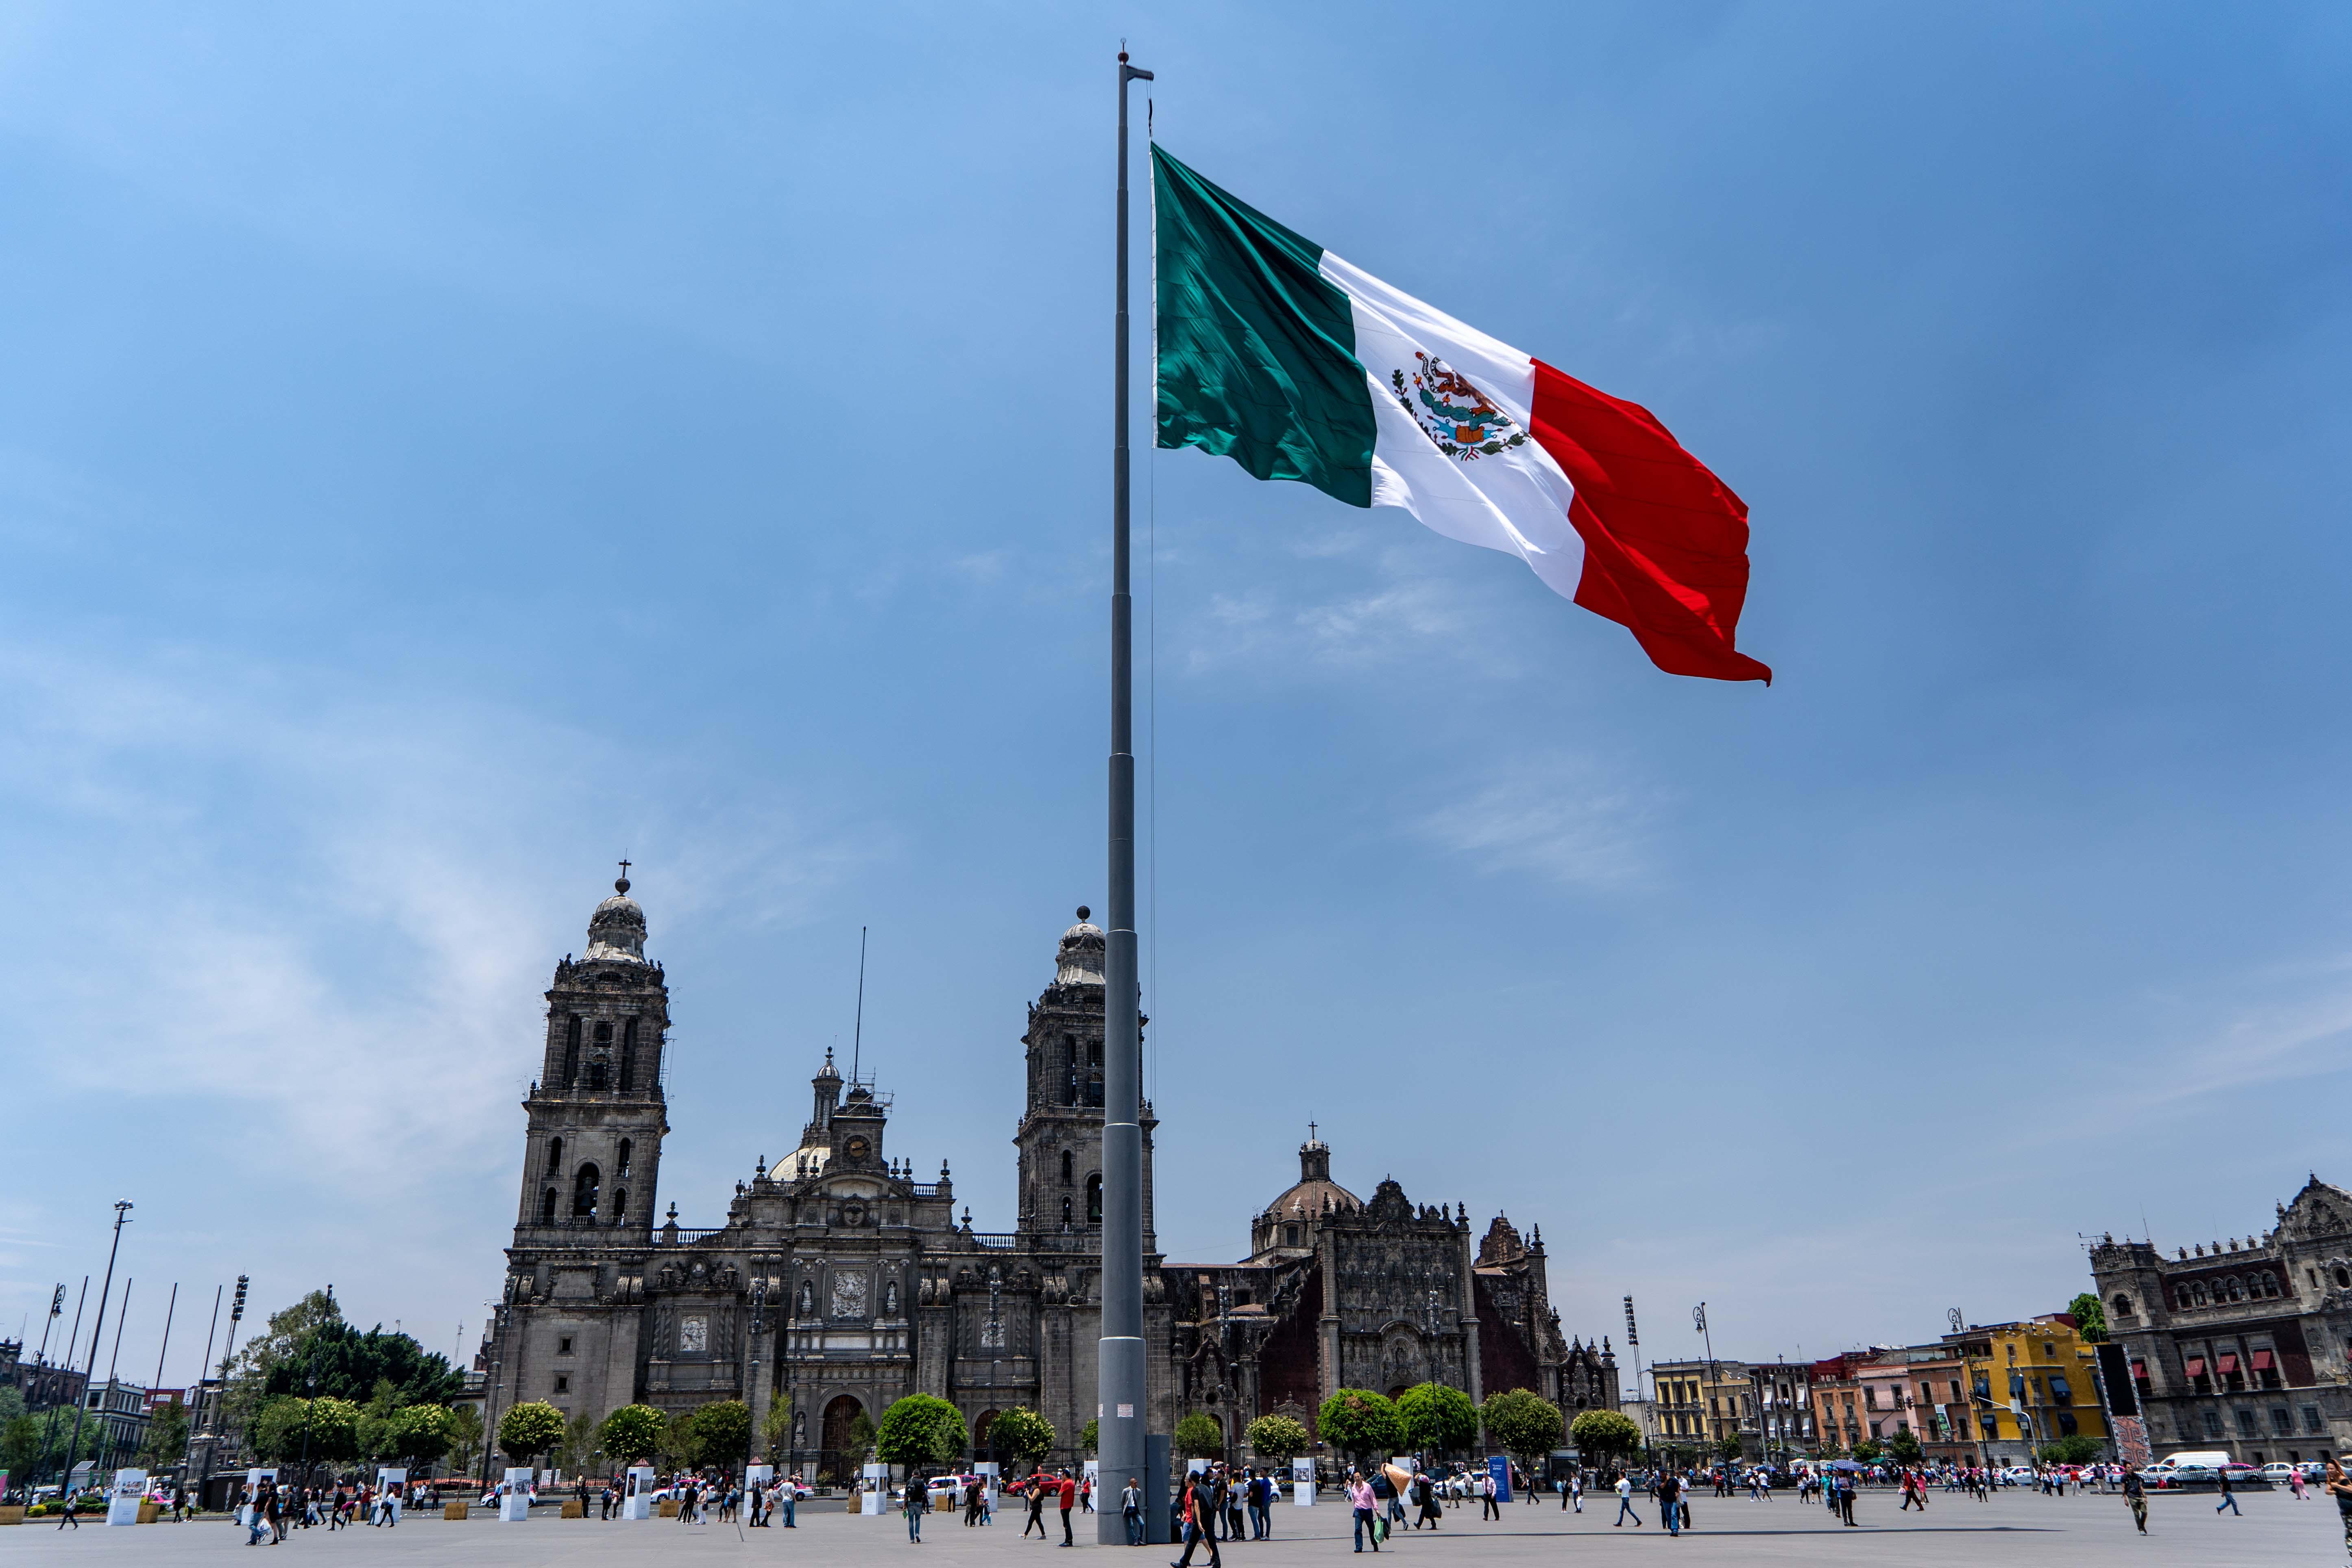 La cathédrale métropolitaine et le Palais présidentiel se trouvent sur le Zocalo, dans le centre historique de Mexico City